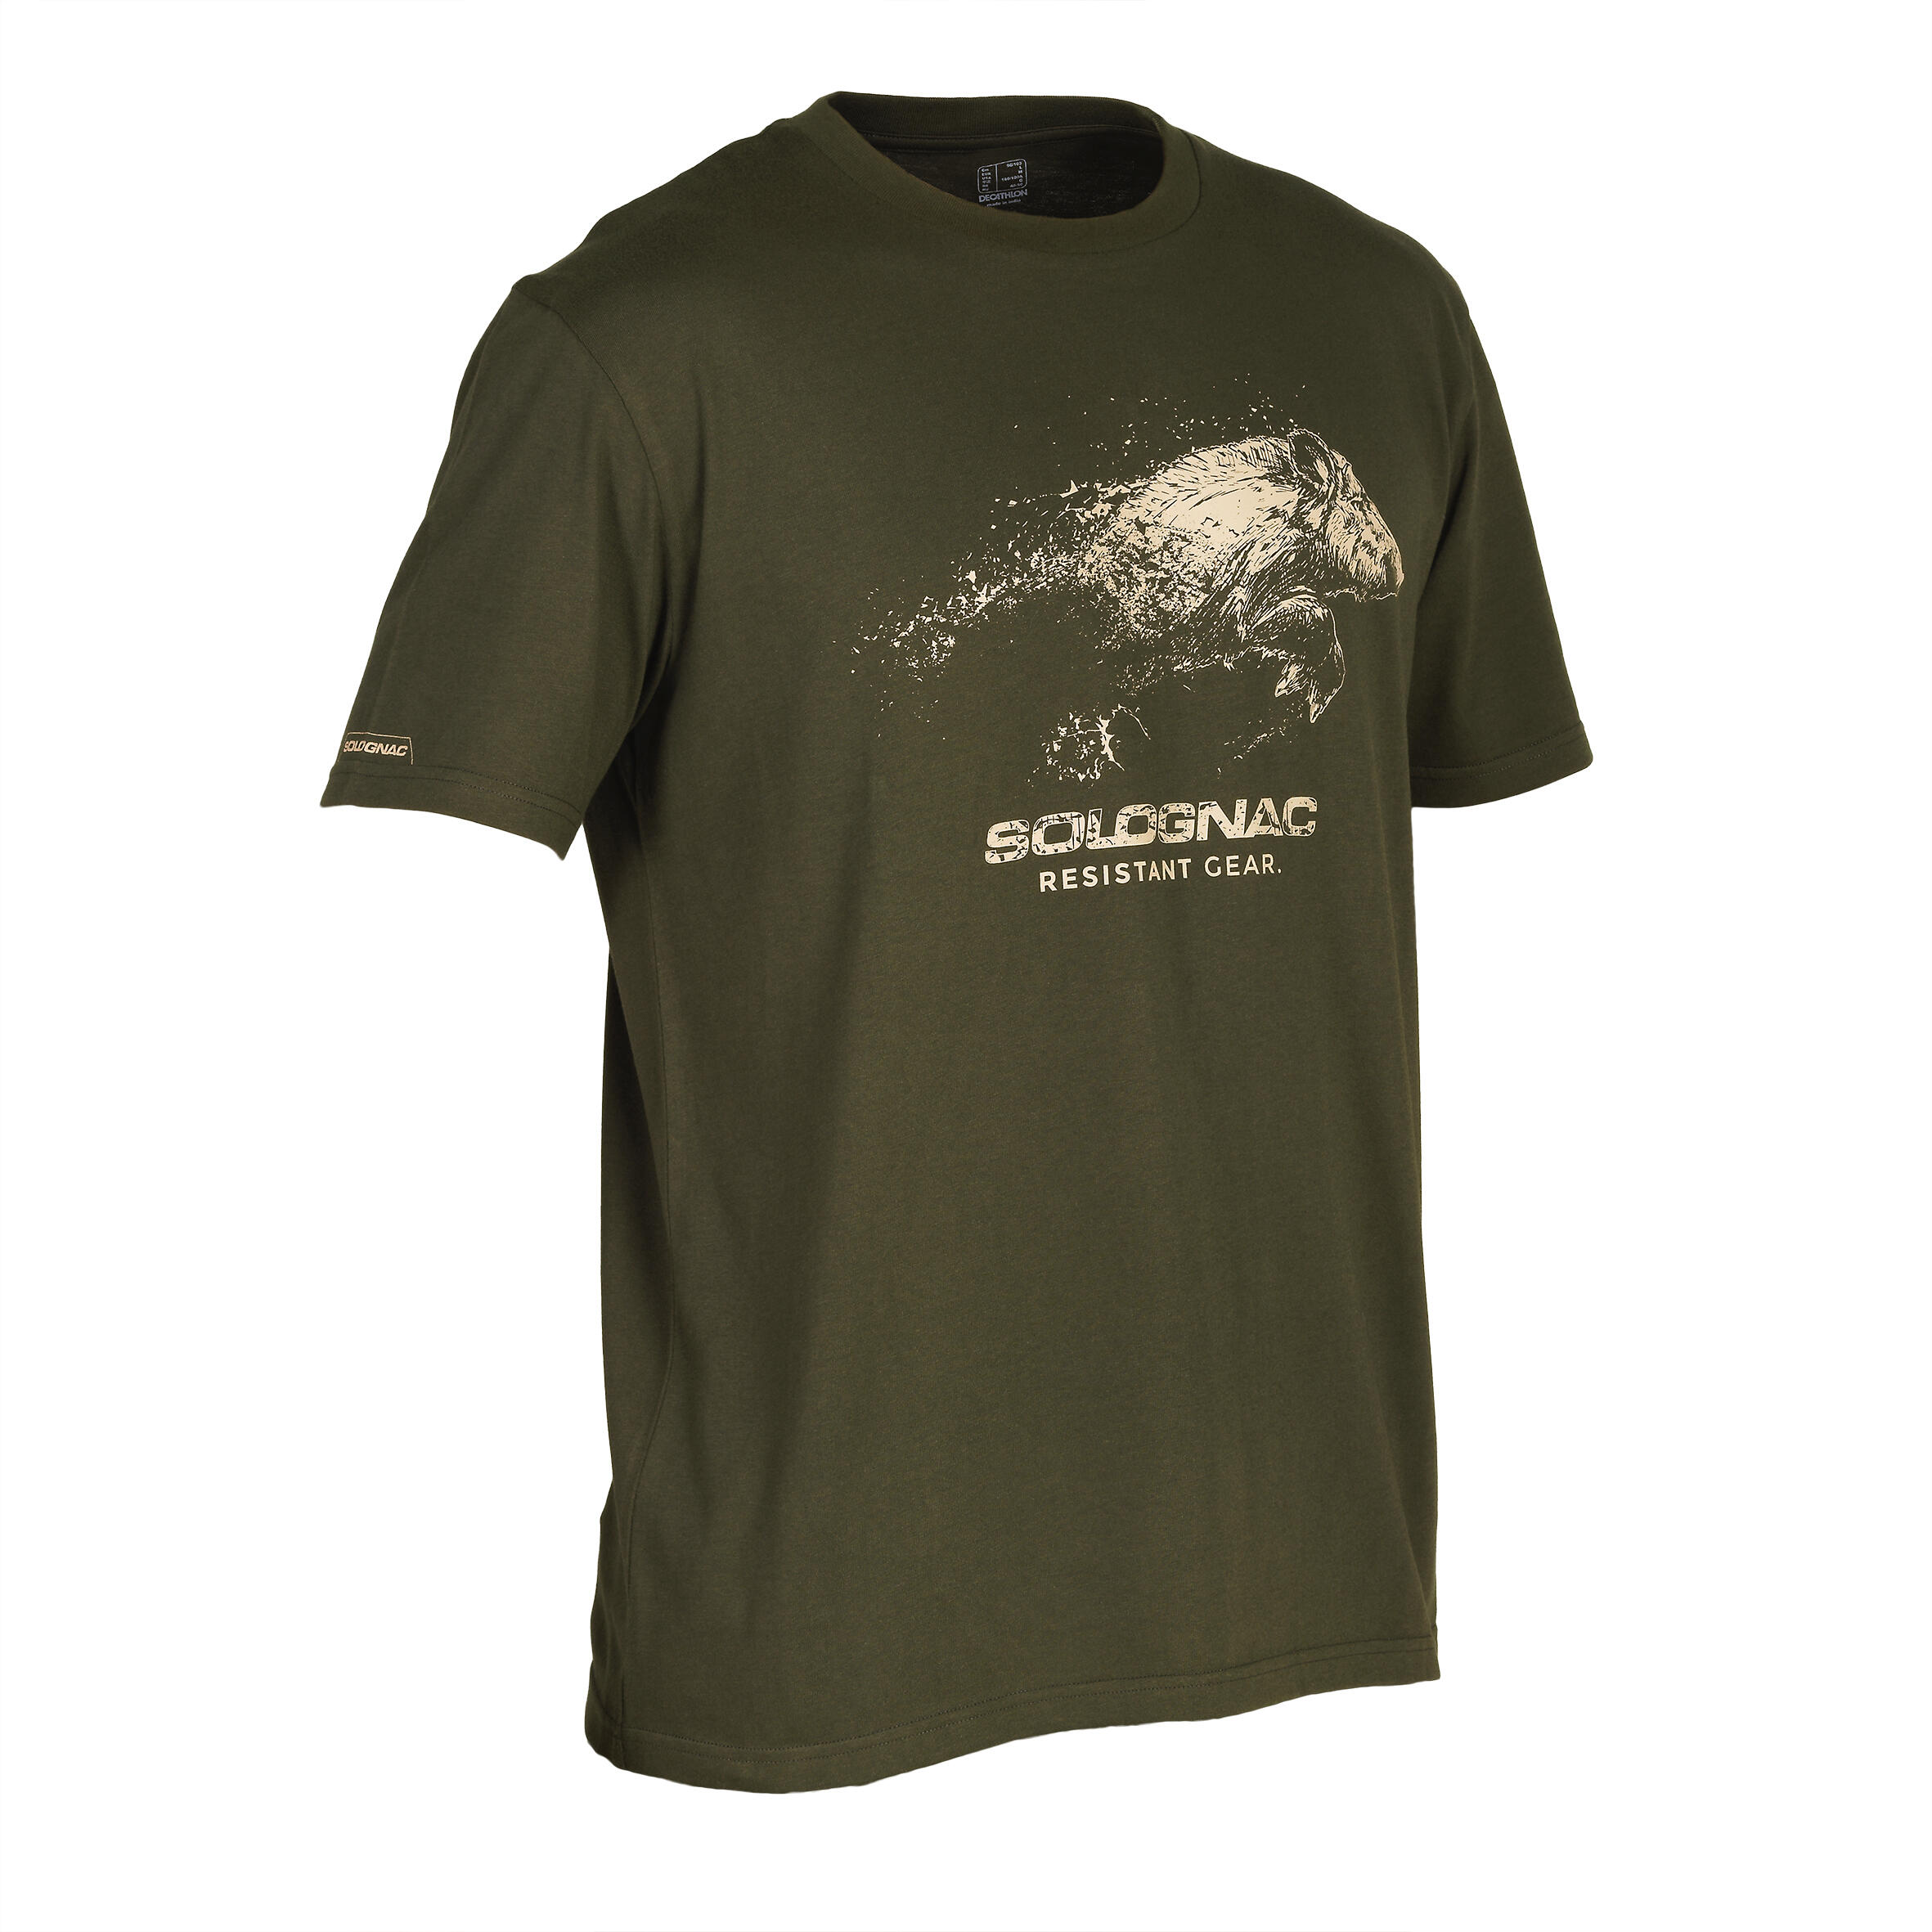 Solognac T-shirt SG100 voor de jacht everzwijn